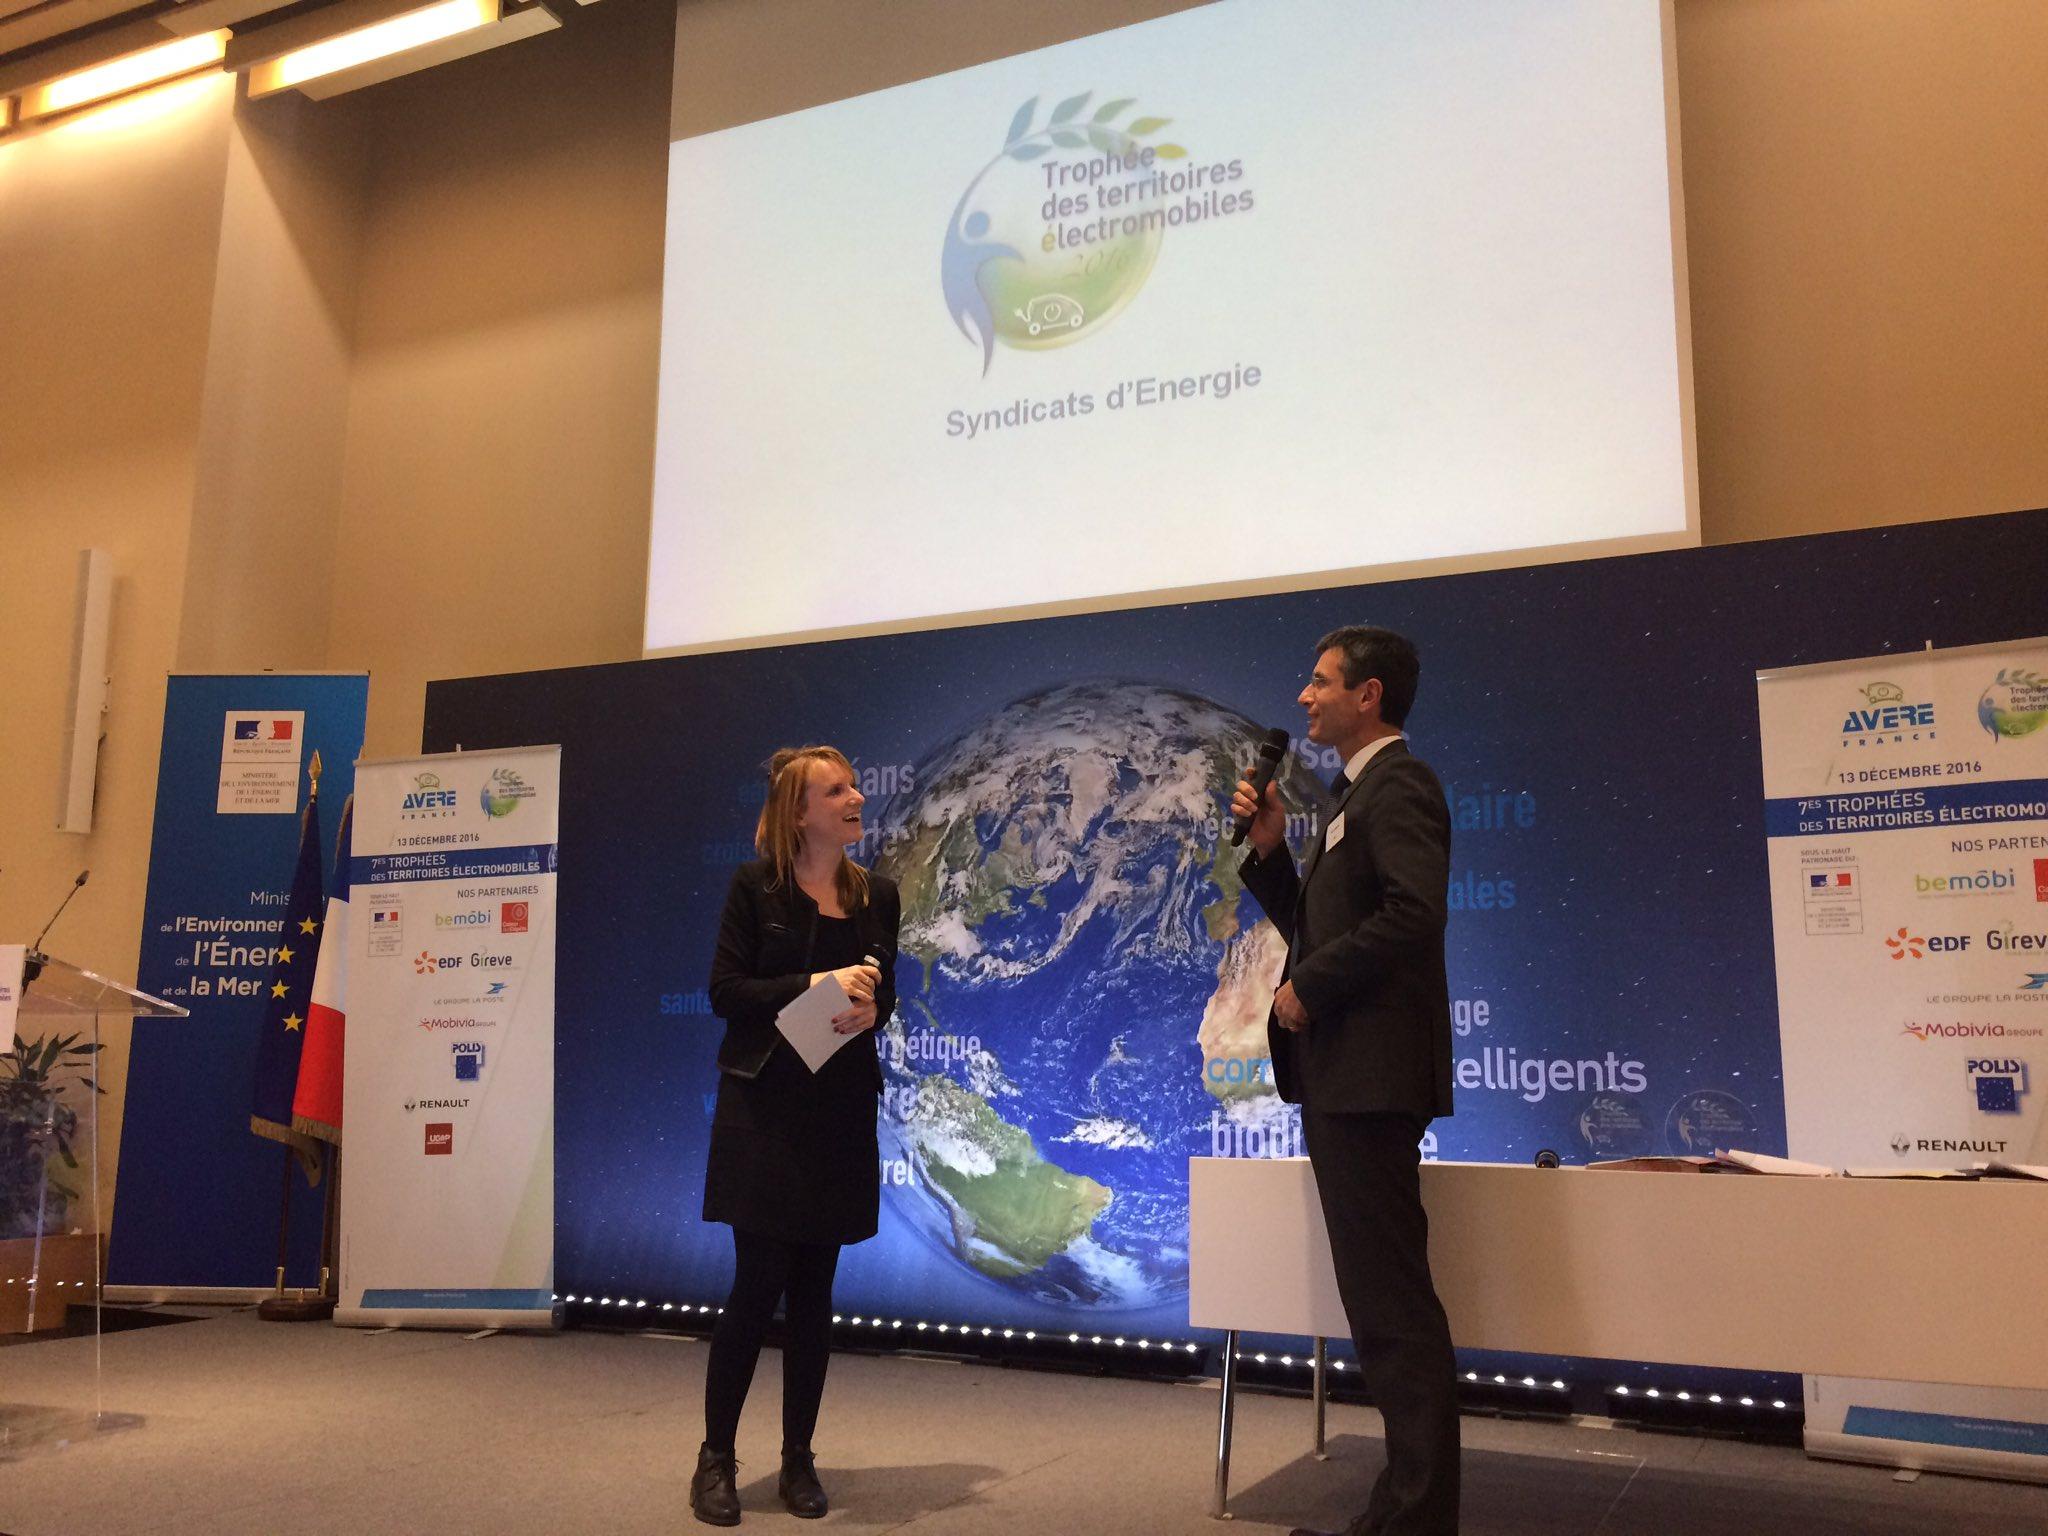 #GIREVE va récompenser un syndicat #énergie qui a su prendre le virage très tôt de l'interopérabilité #TrophéesVE cc @fnccr https://t.co/cmcvYODXHy